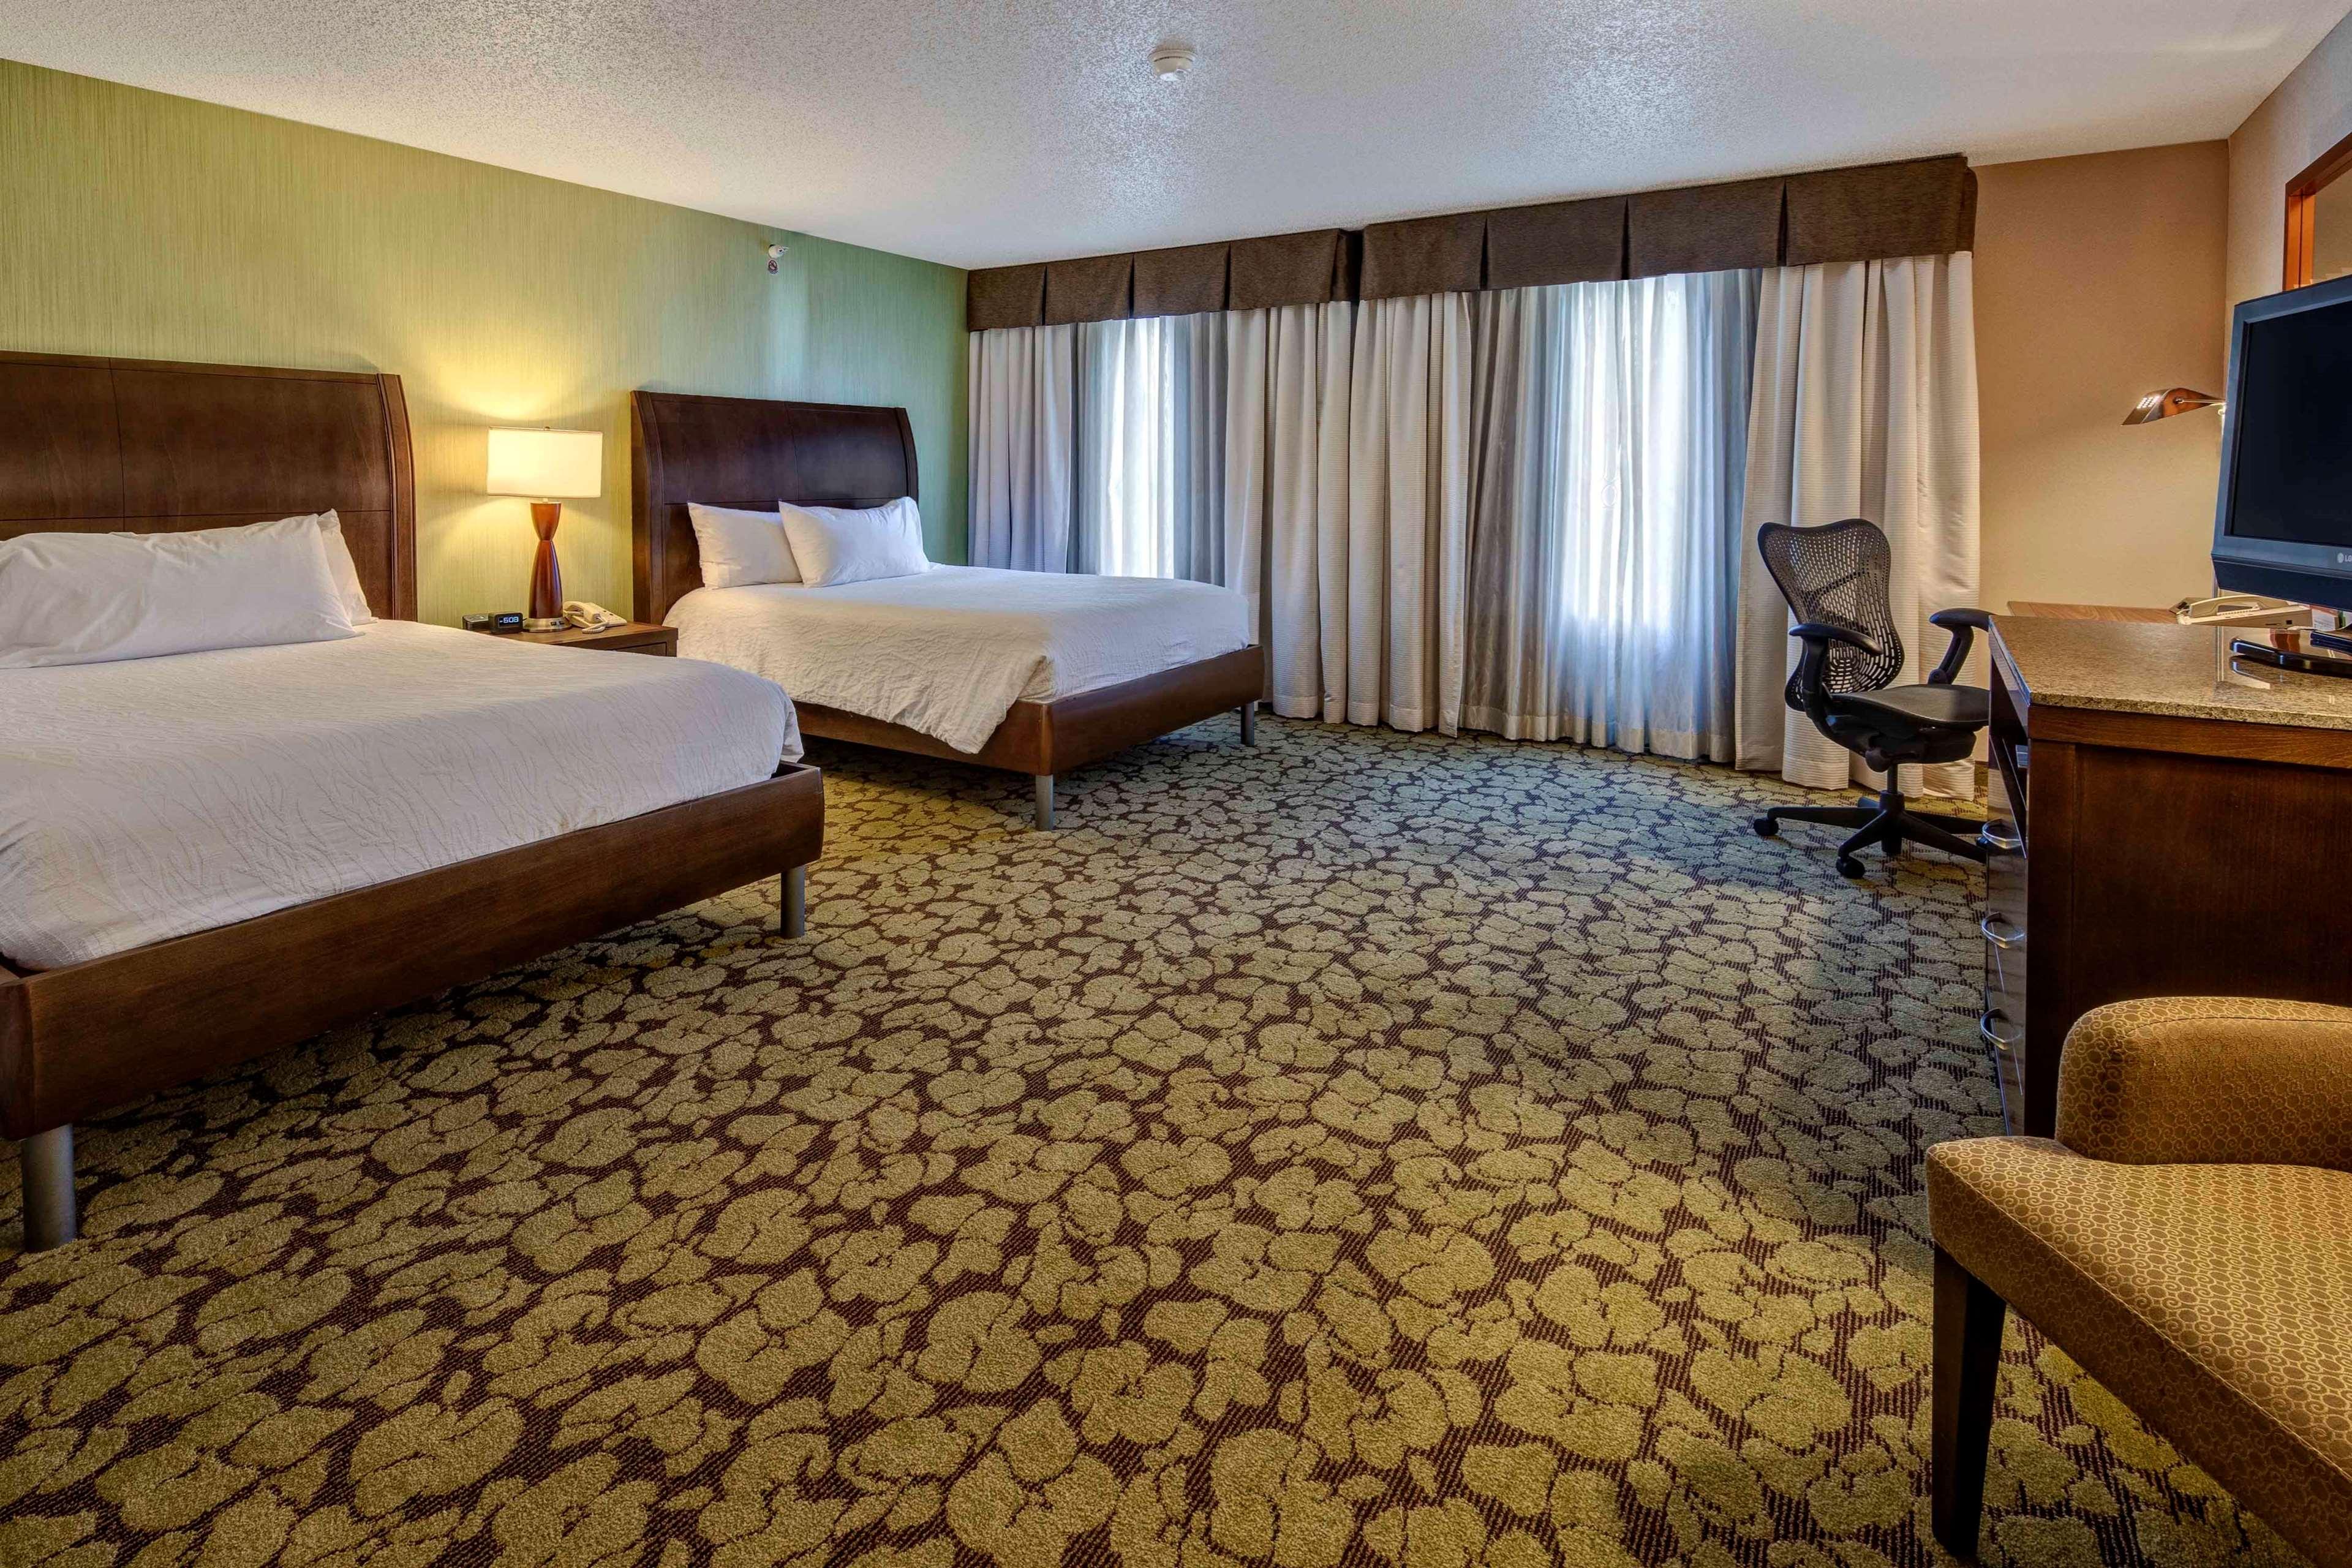 Hilton Garden Inn Minneapolis/Eden Prairie image 17